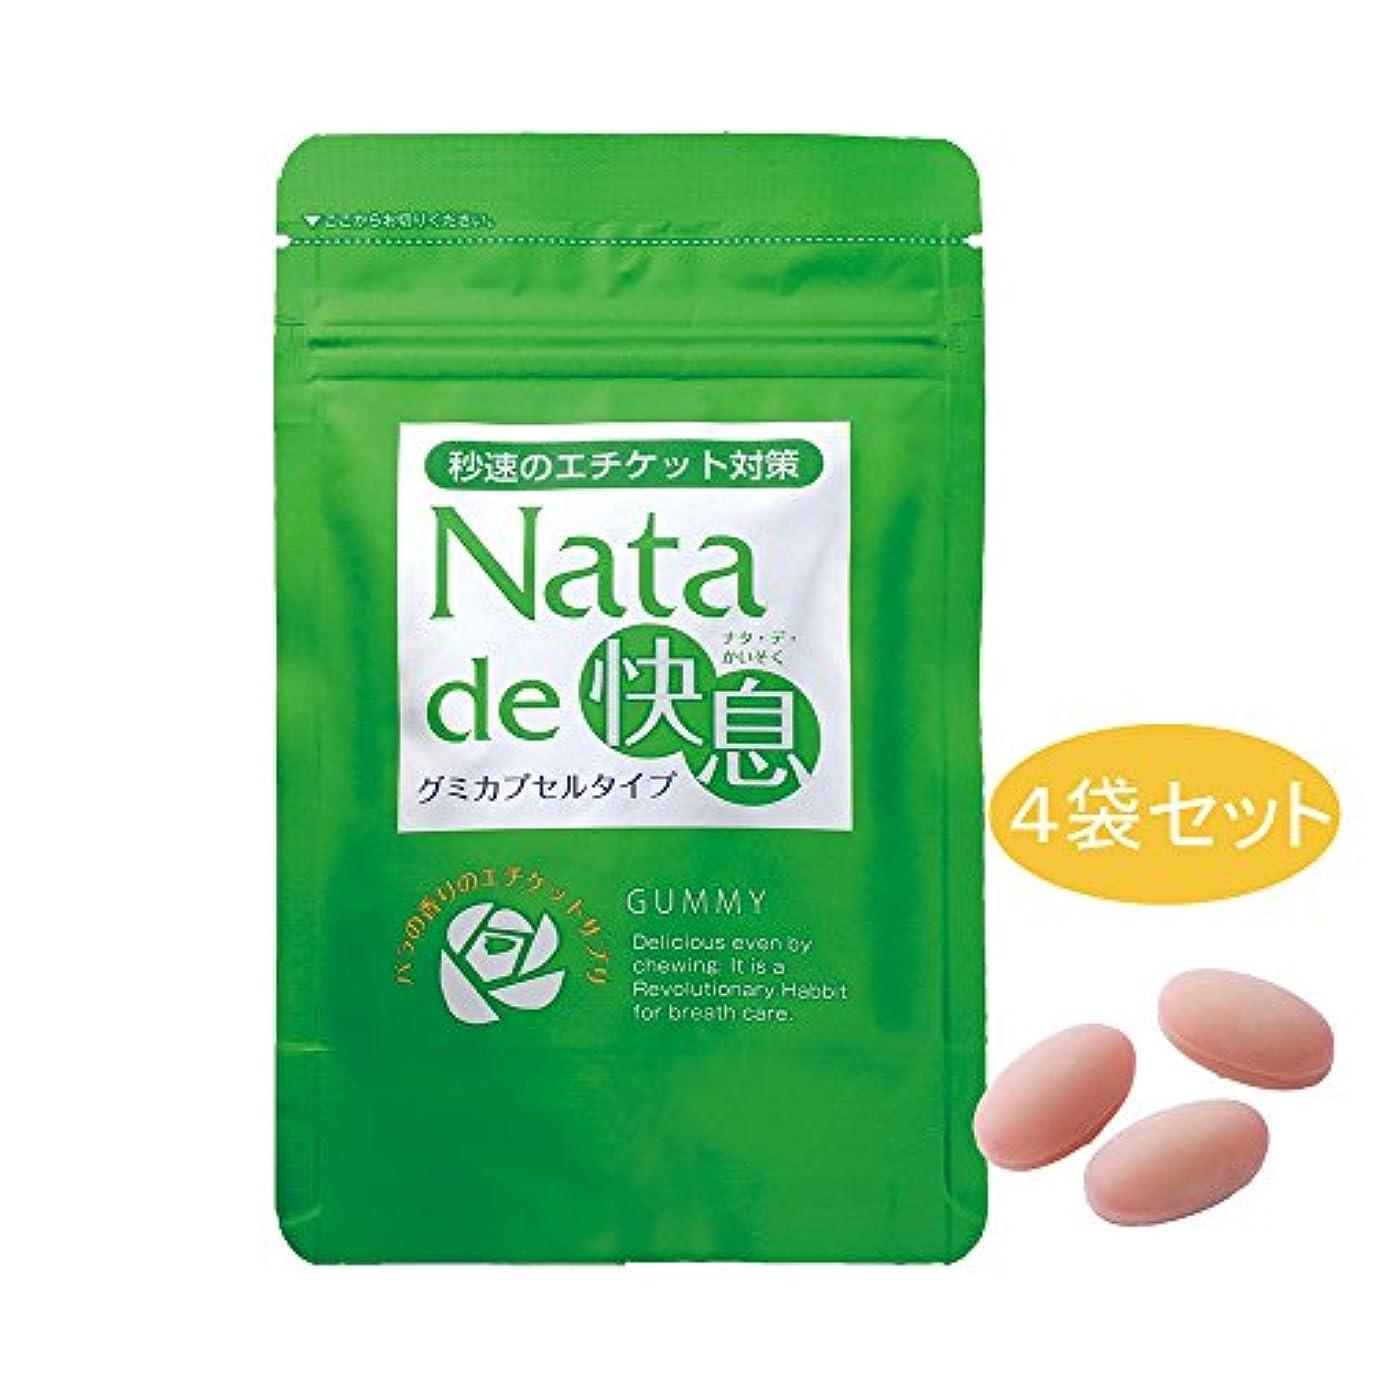 起きる感謝調和ナタデ快息 バラの香り 4袋